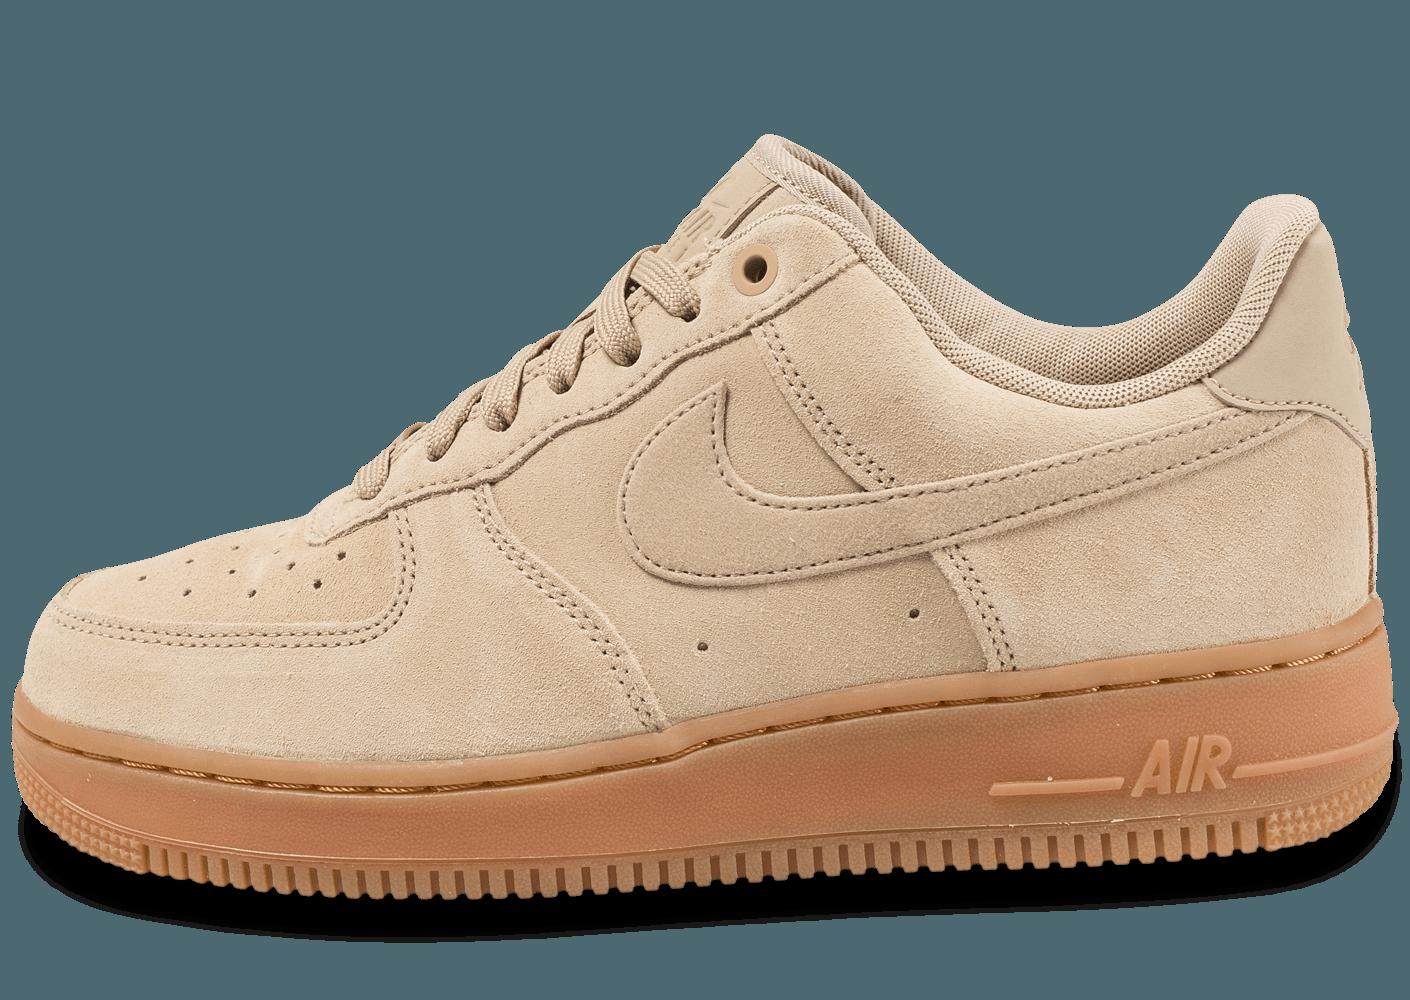 75e10e7e2748 chaussures nike air force 1 femmes